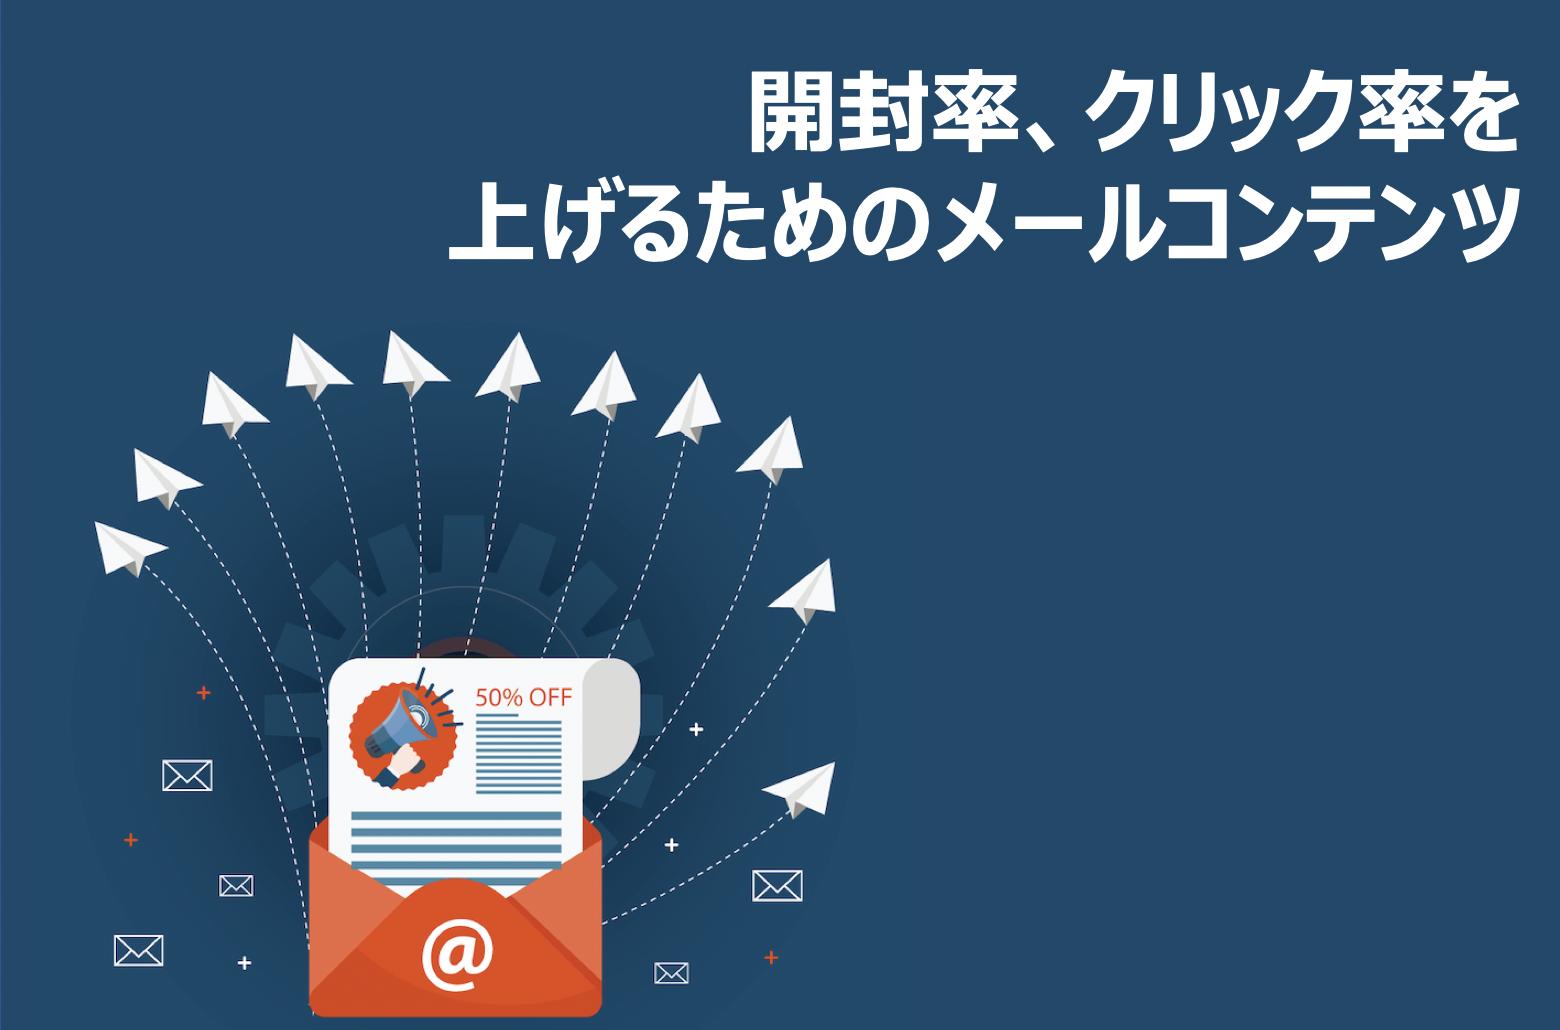 開封率、クリック率を上げるためのメールコンテンツ要素の基本